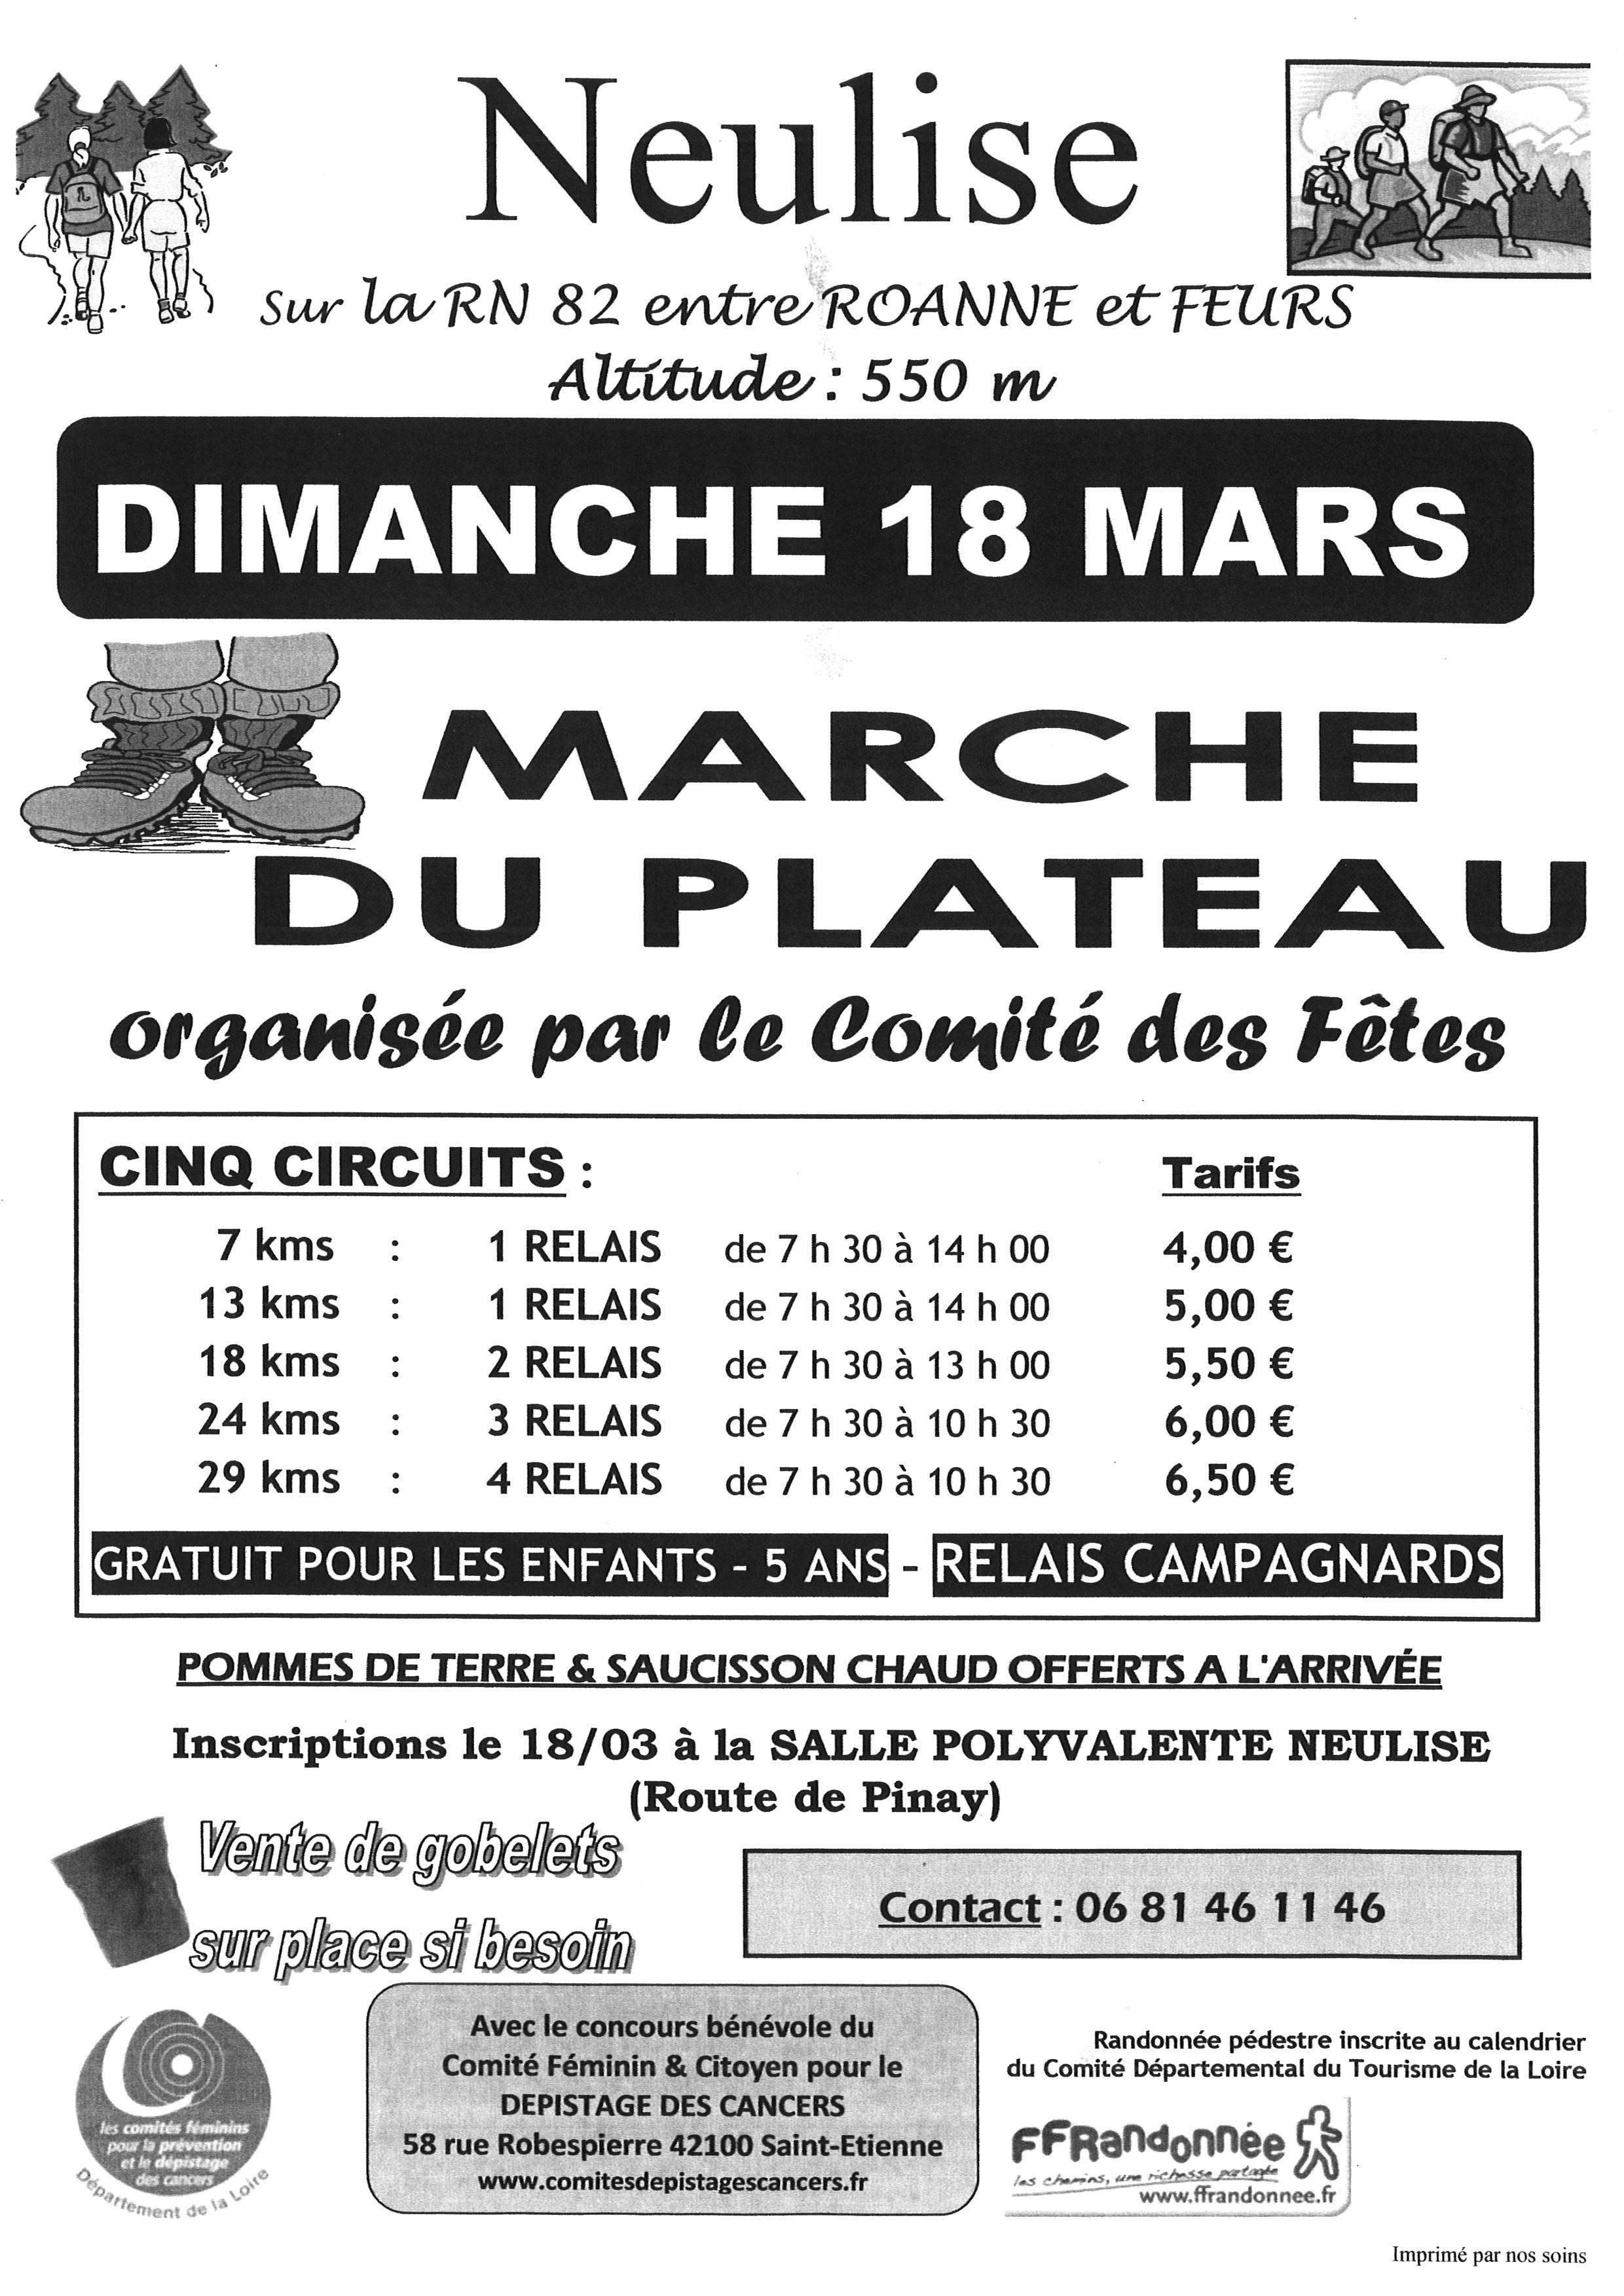 marche du plateau 18 mars